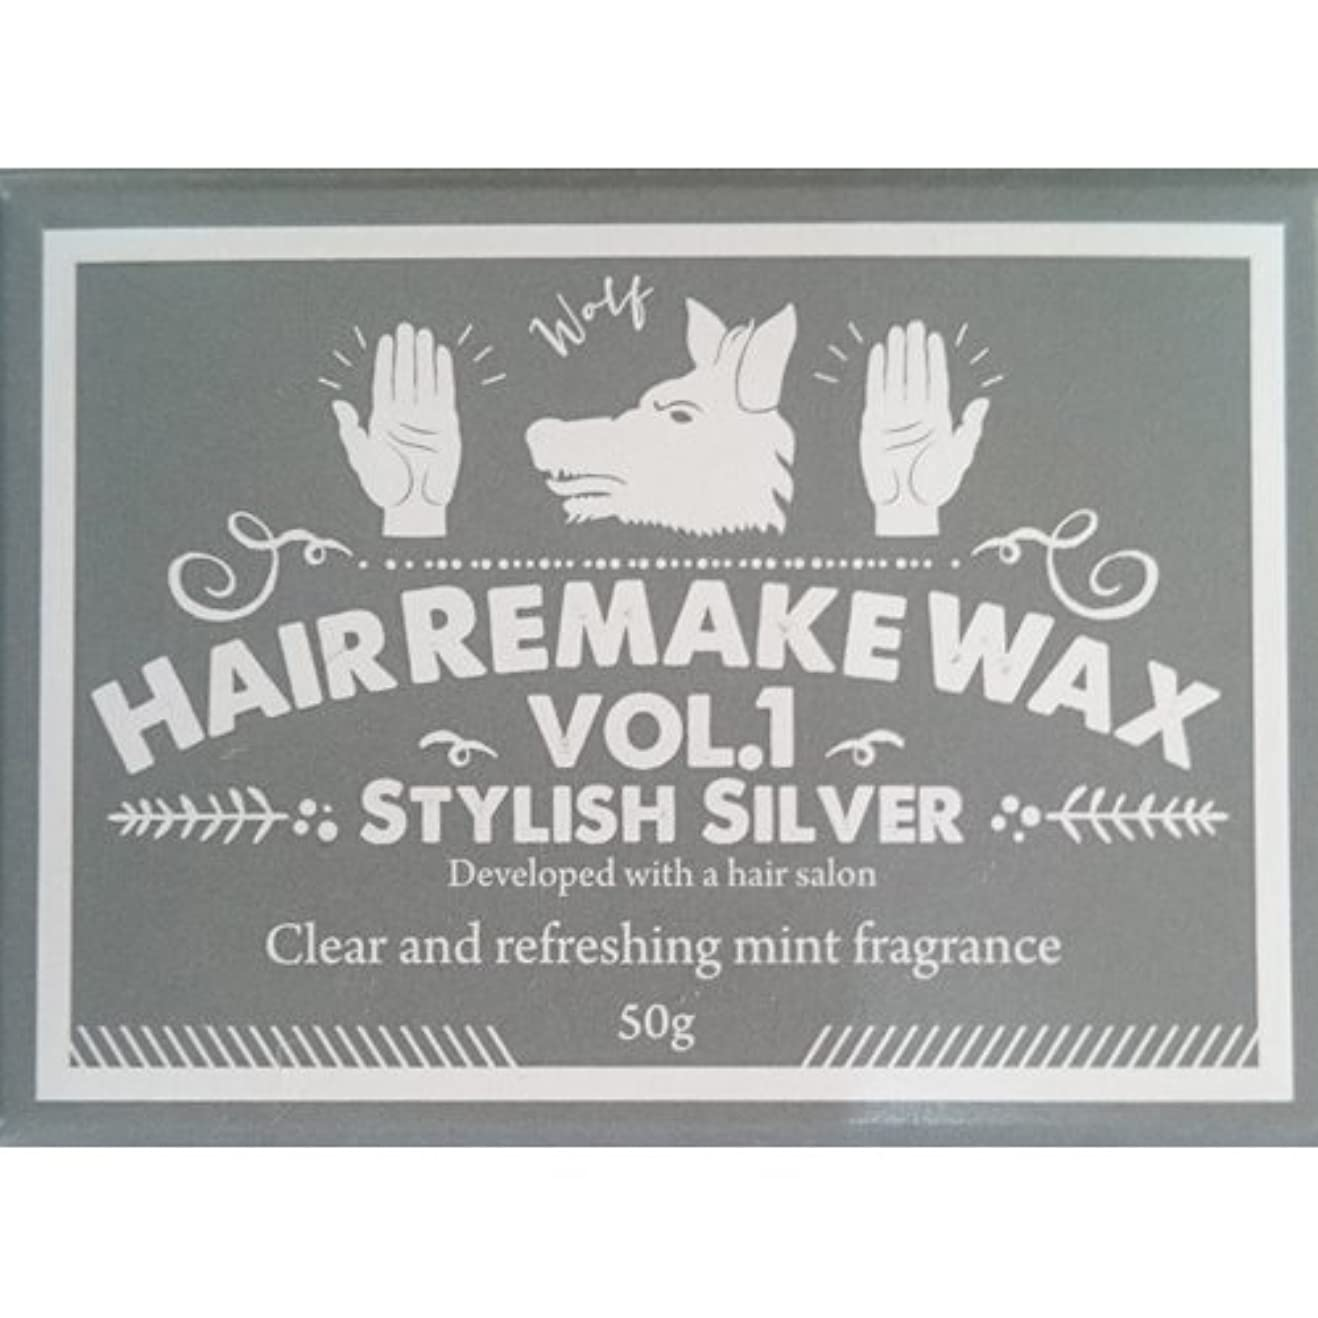 ディスパッチゴシップシャーHair Remake(ヘアーリメイク)WAX Vol.1 スタイリッシュシルバー 50g